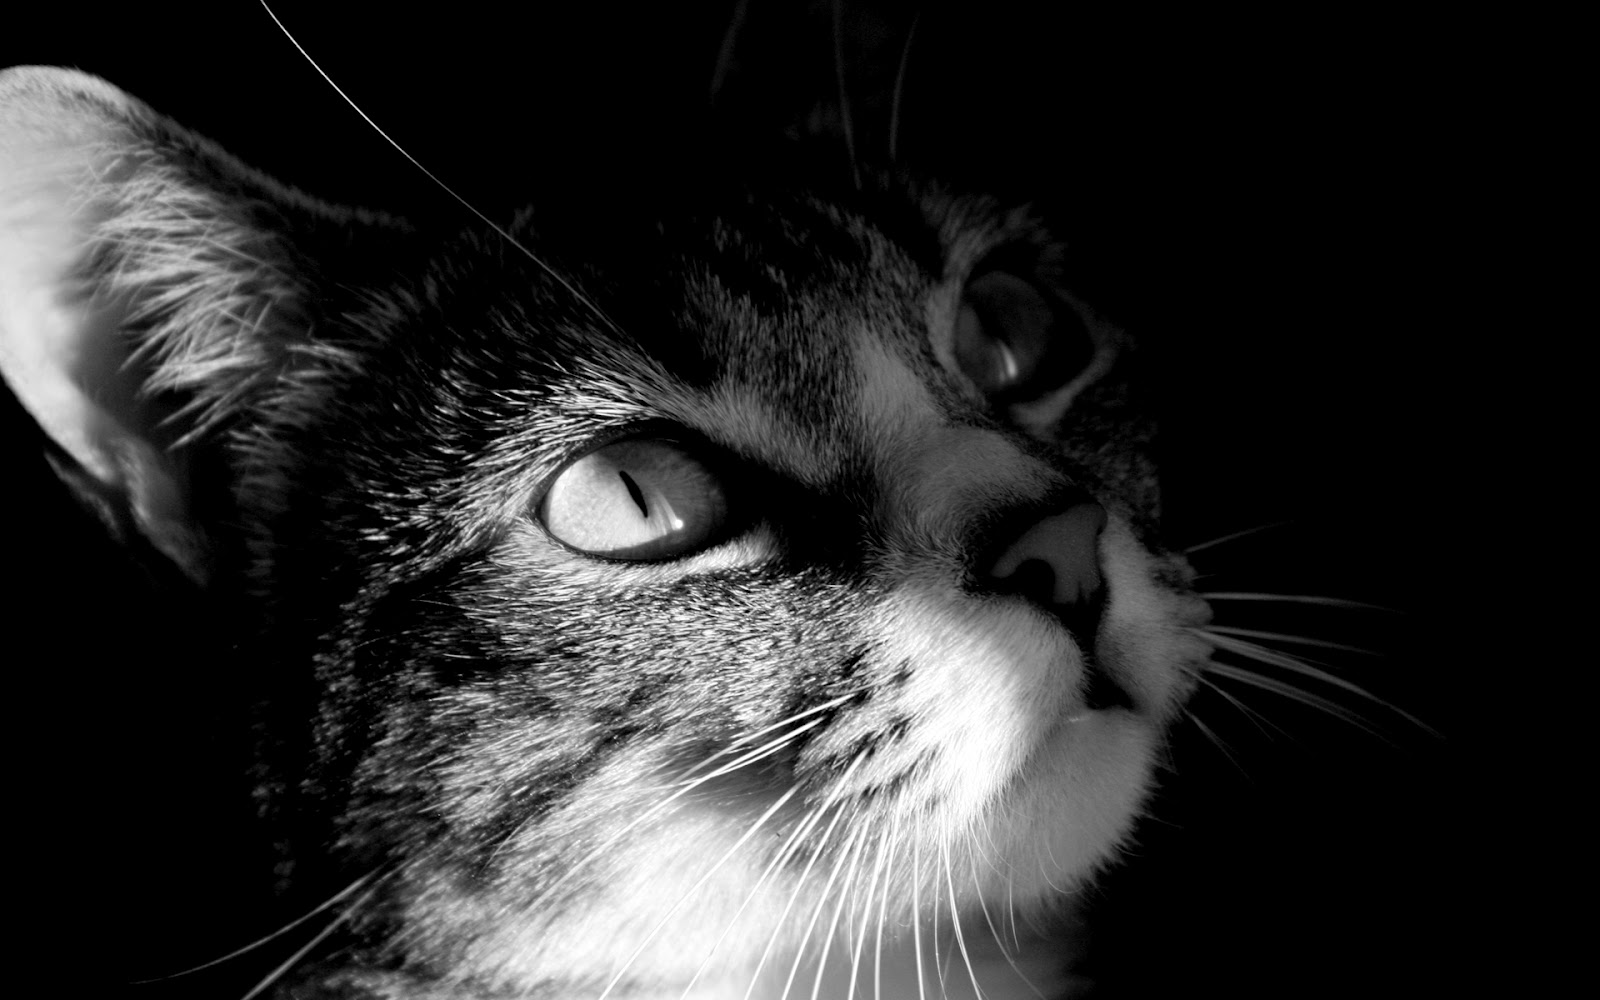 http://3.bp.blogspot.com/-gtykRtuputw/T8cGwqt671I/AAAAAAAAA1Q/LG2zOh2Yutk/s1600/cat-hd-wallpaper.jpg